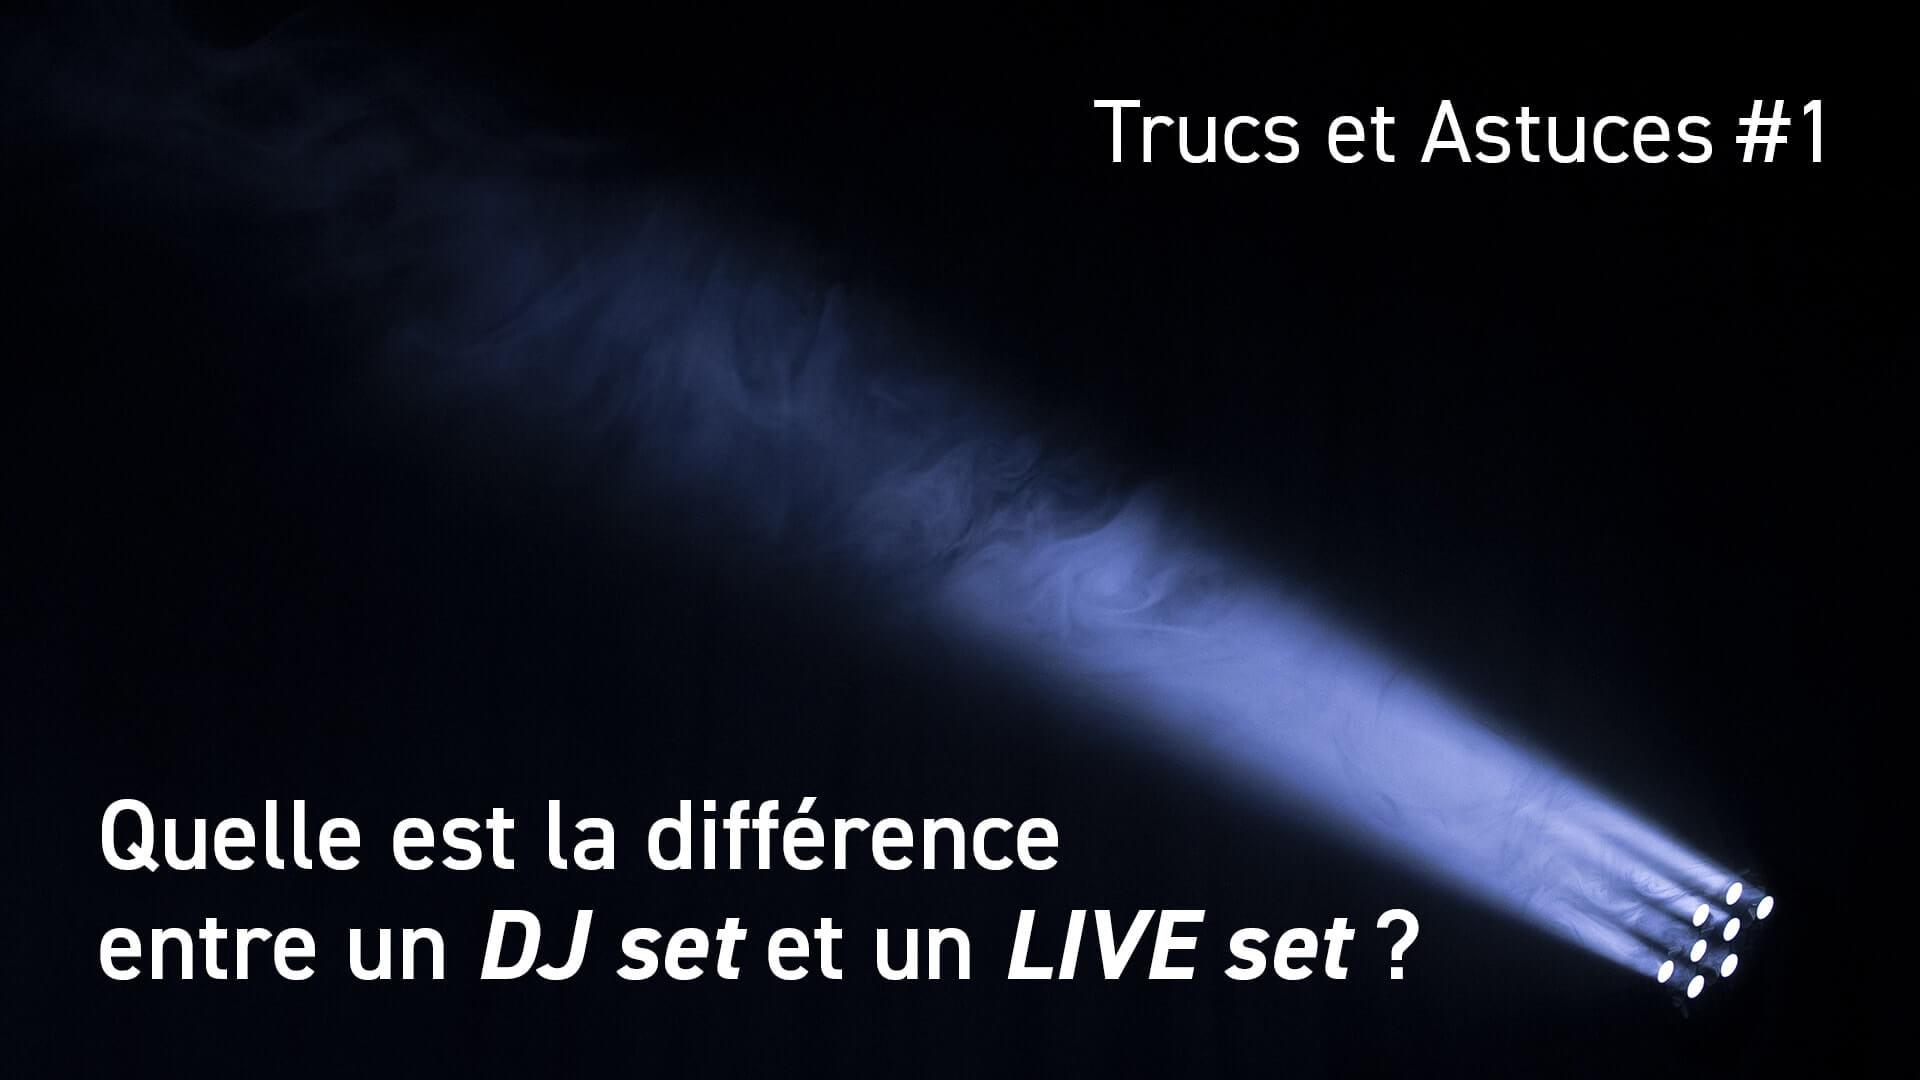 Quelle est la différence entre un dj set et un live set ?